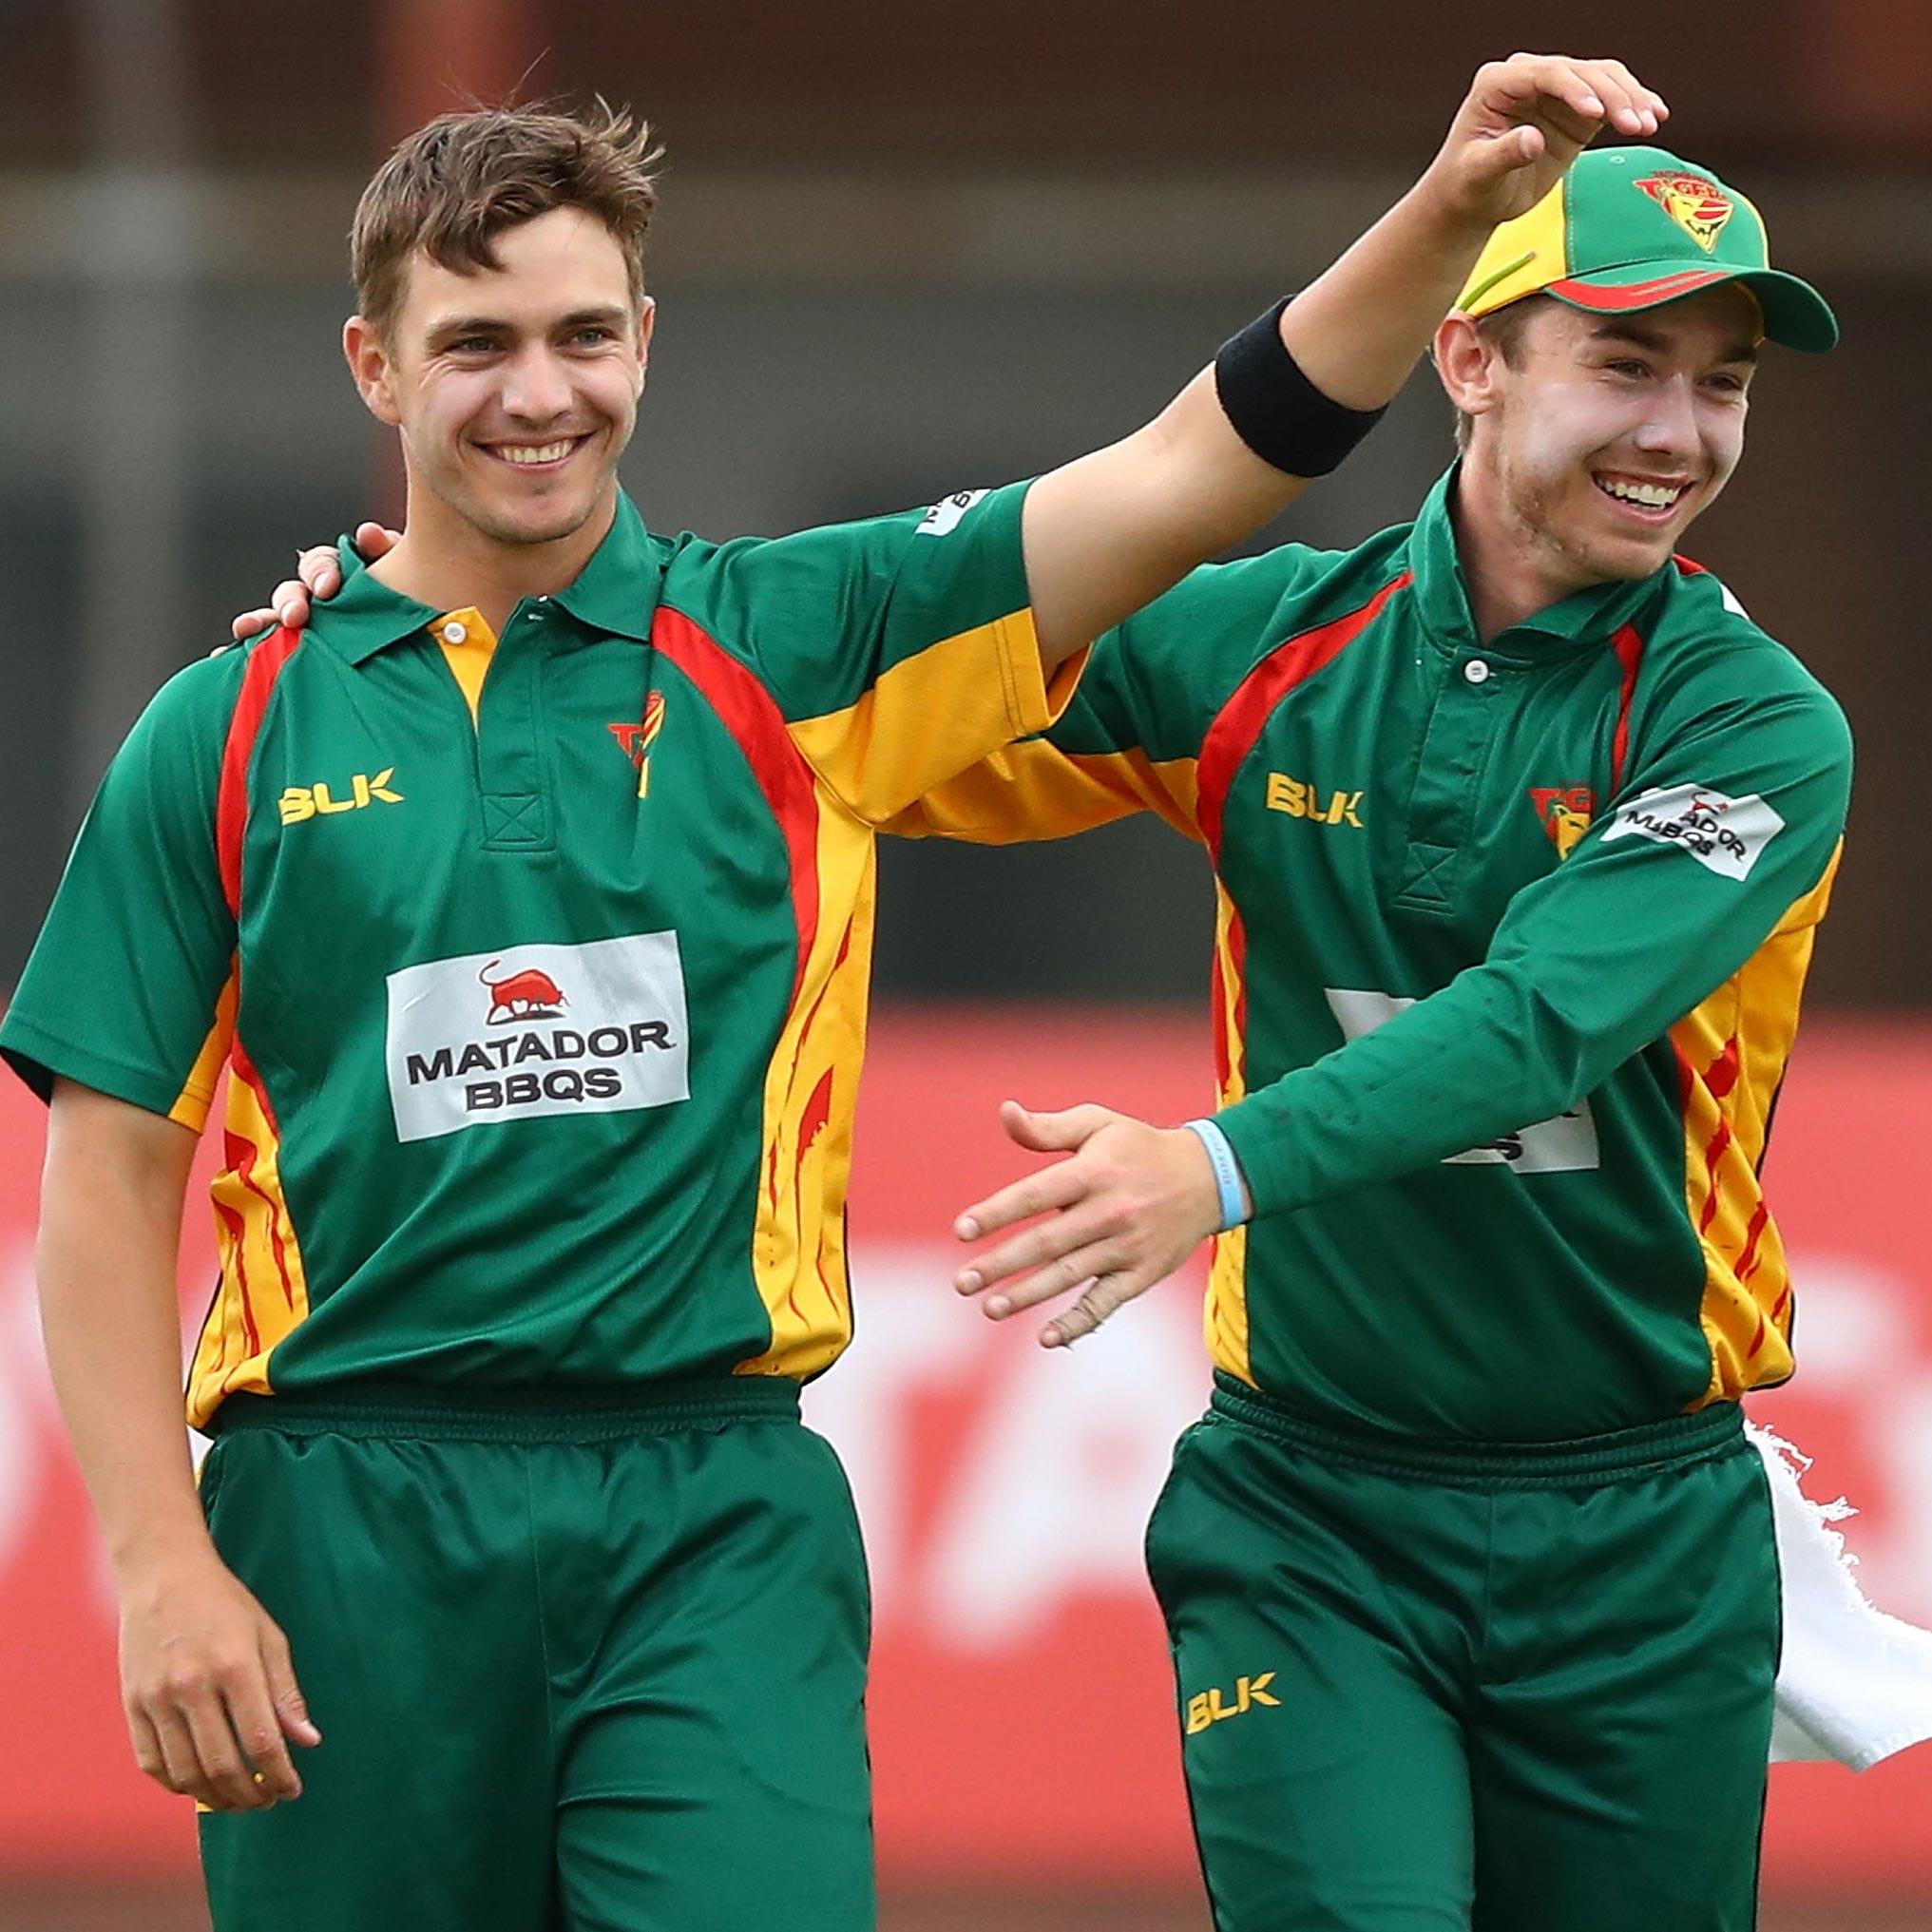 Tasmania's Cameron Boyce celebrates a wicket // Getty